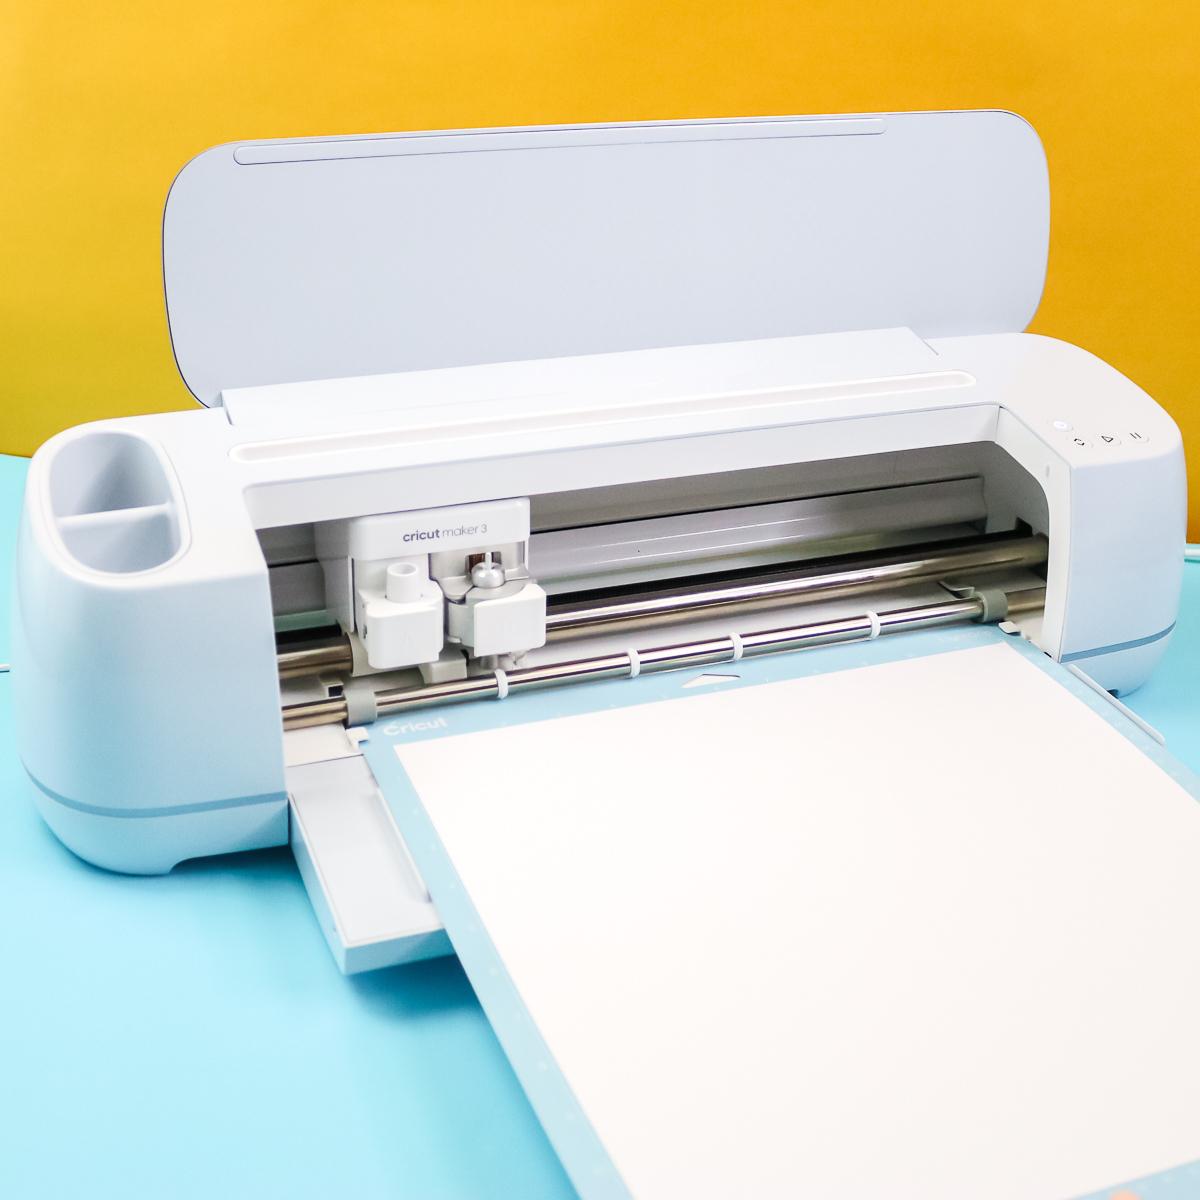 cricut maker 3 cutting material on a mat